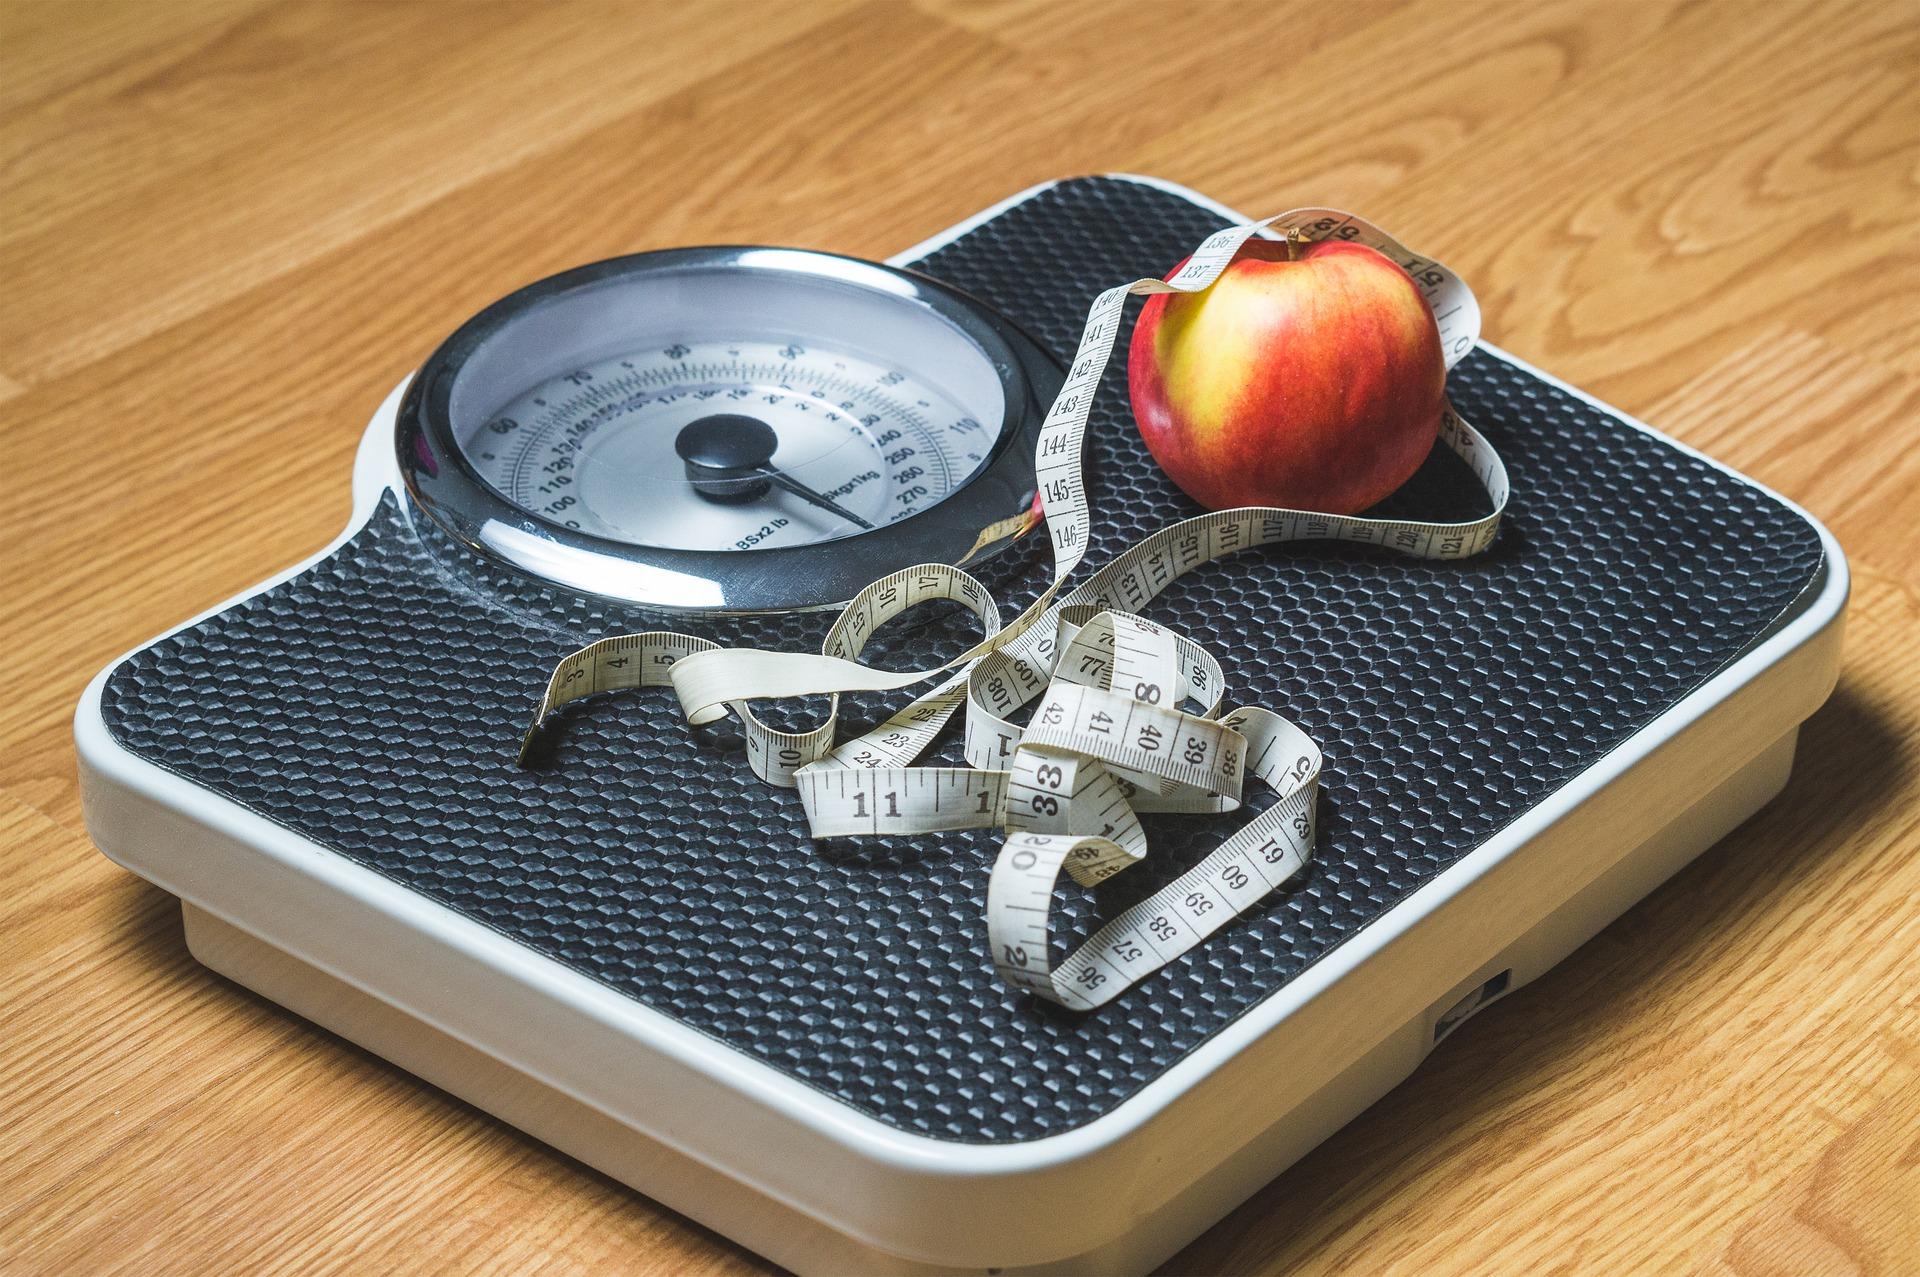 Zdravé hubnutí odpovídá úbytku hmotnosti 0,5 - 1 kg týdně, jen tak si udržíte váhu natrvalo / foto: pixabay.com